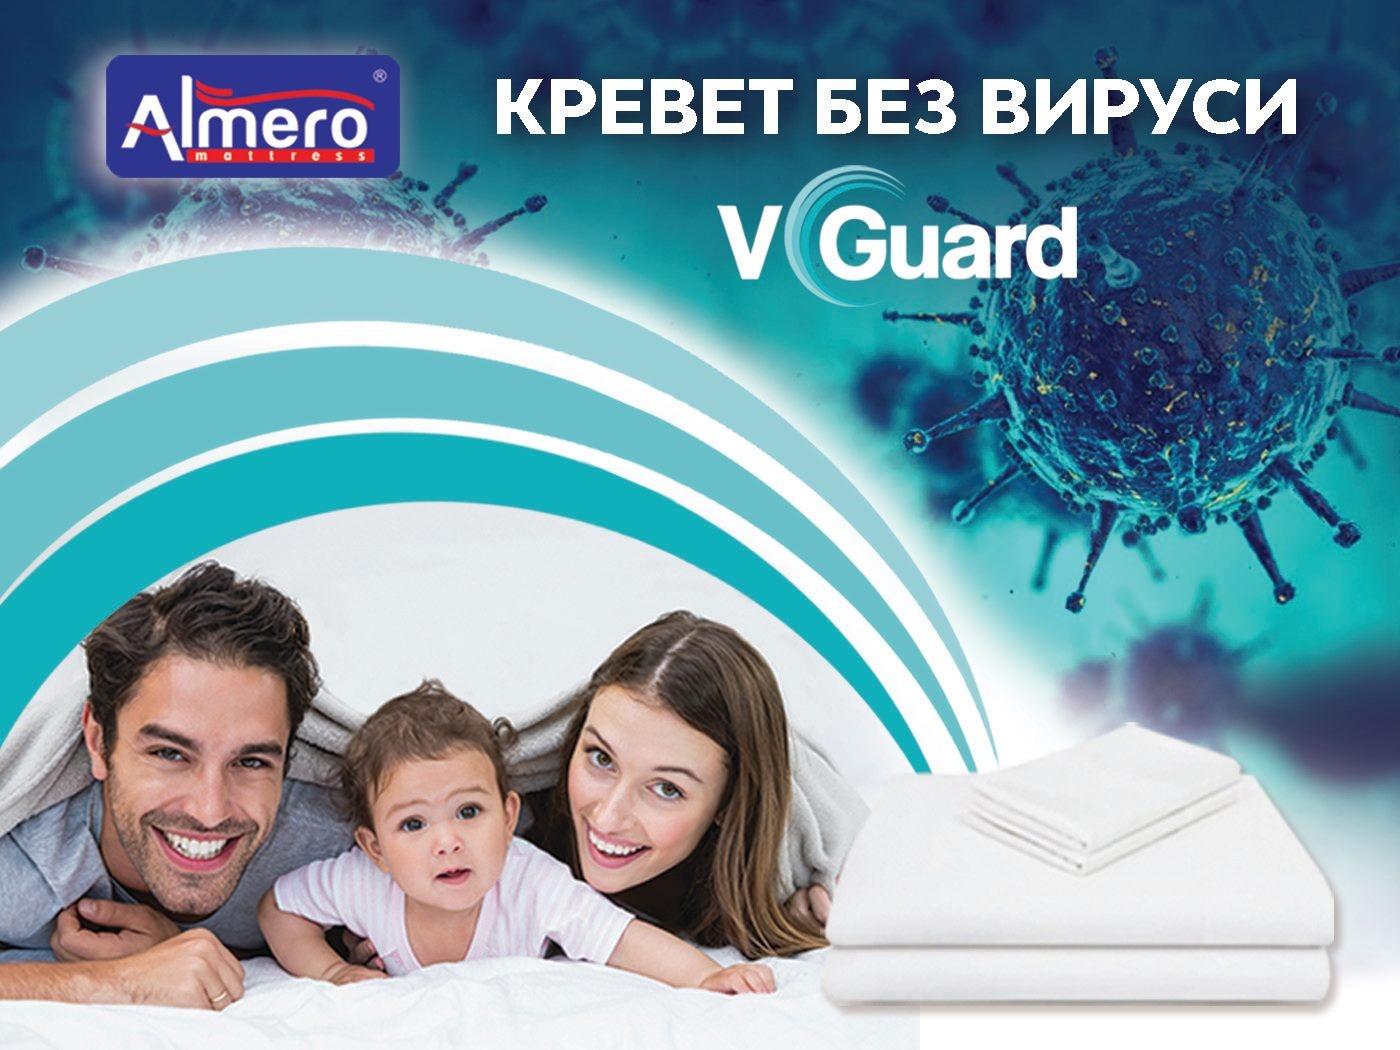 Кревет без вируси